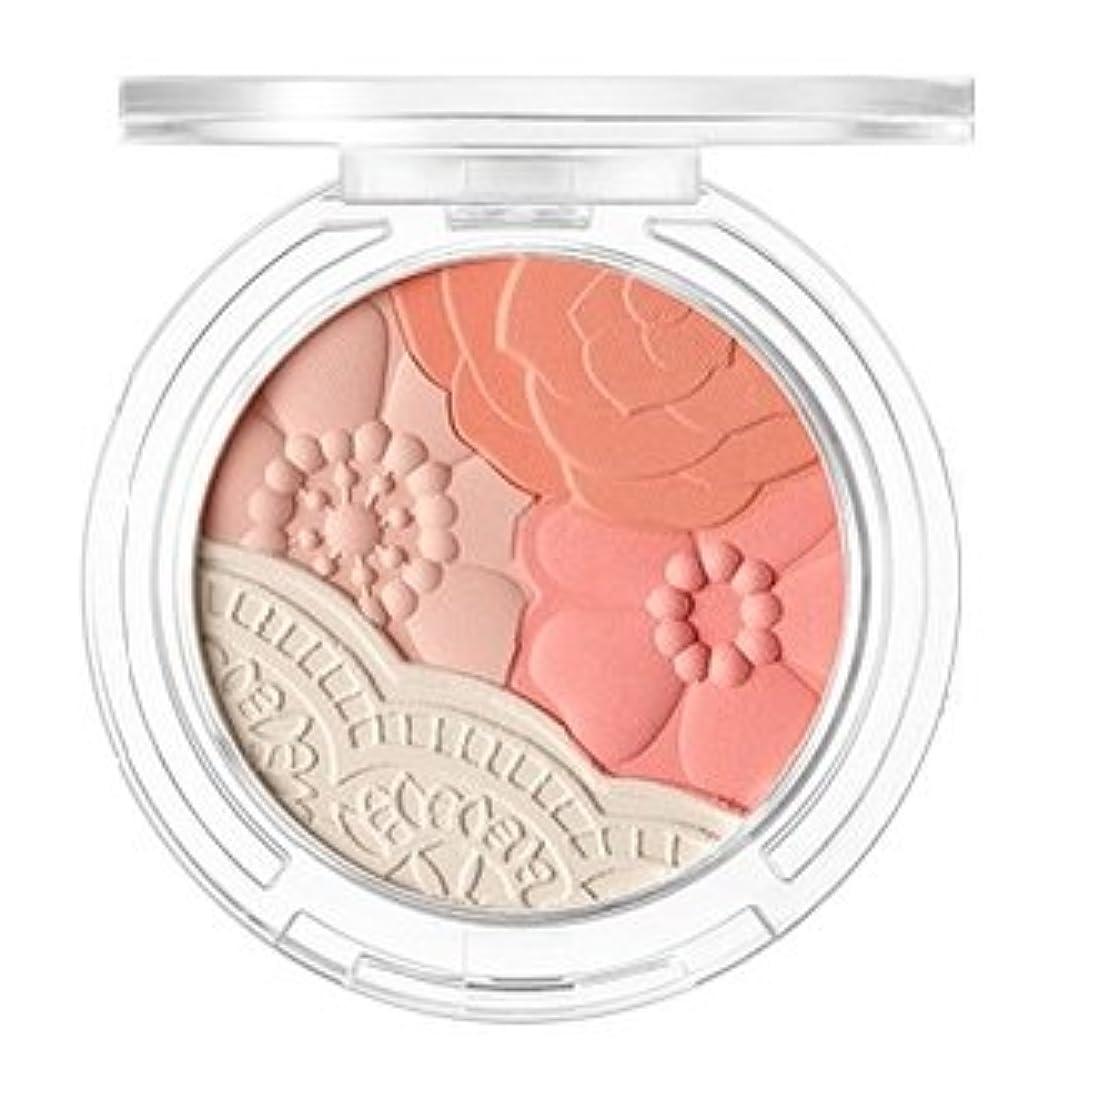 ピッチエンドウ悪いTONYMOLY Crystal Lace Blusher S/S (02 Daisy Coral) / トニーモリー クリスタルレースブラッシャー [並行輸入品]